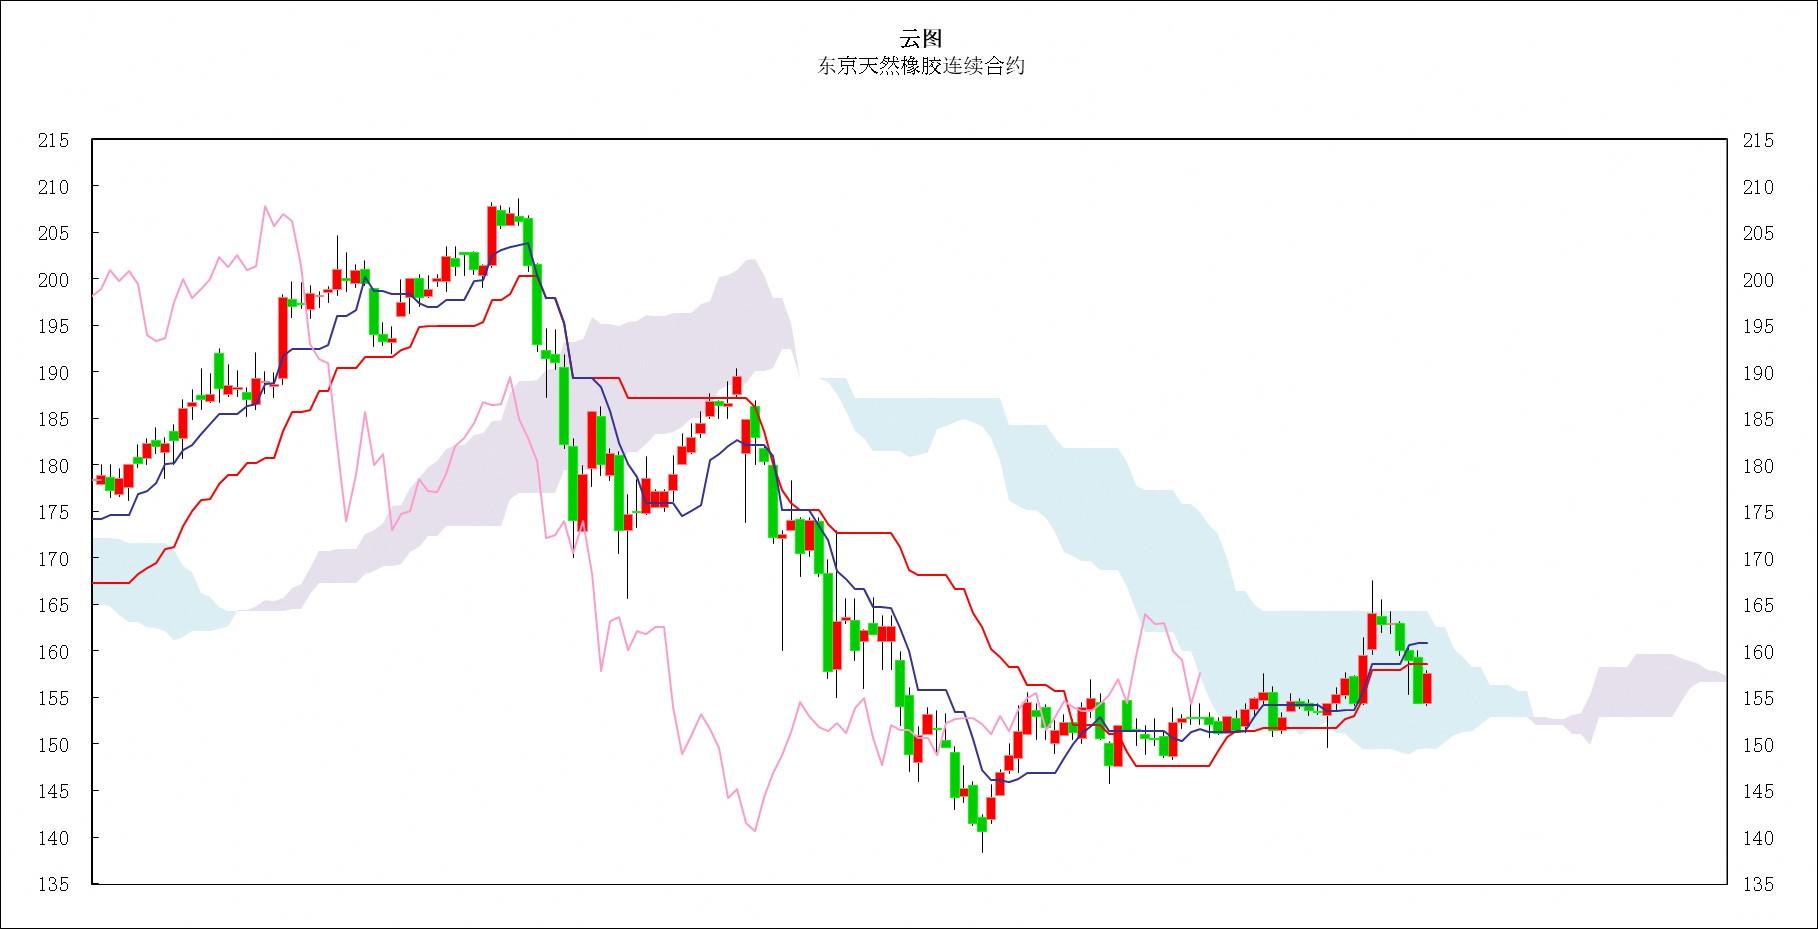 日本商品市场日评:东京黄金价格小幅振荡,橡胶市场小幅反弹